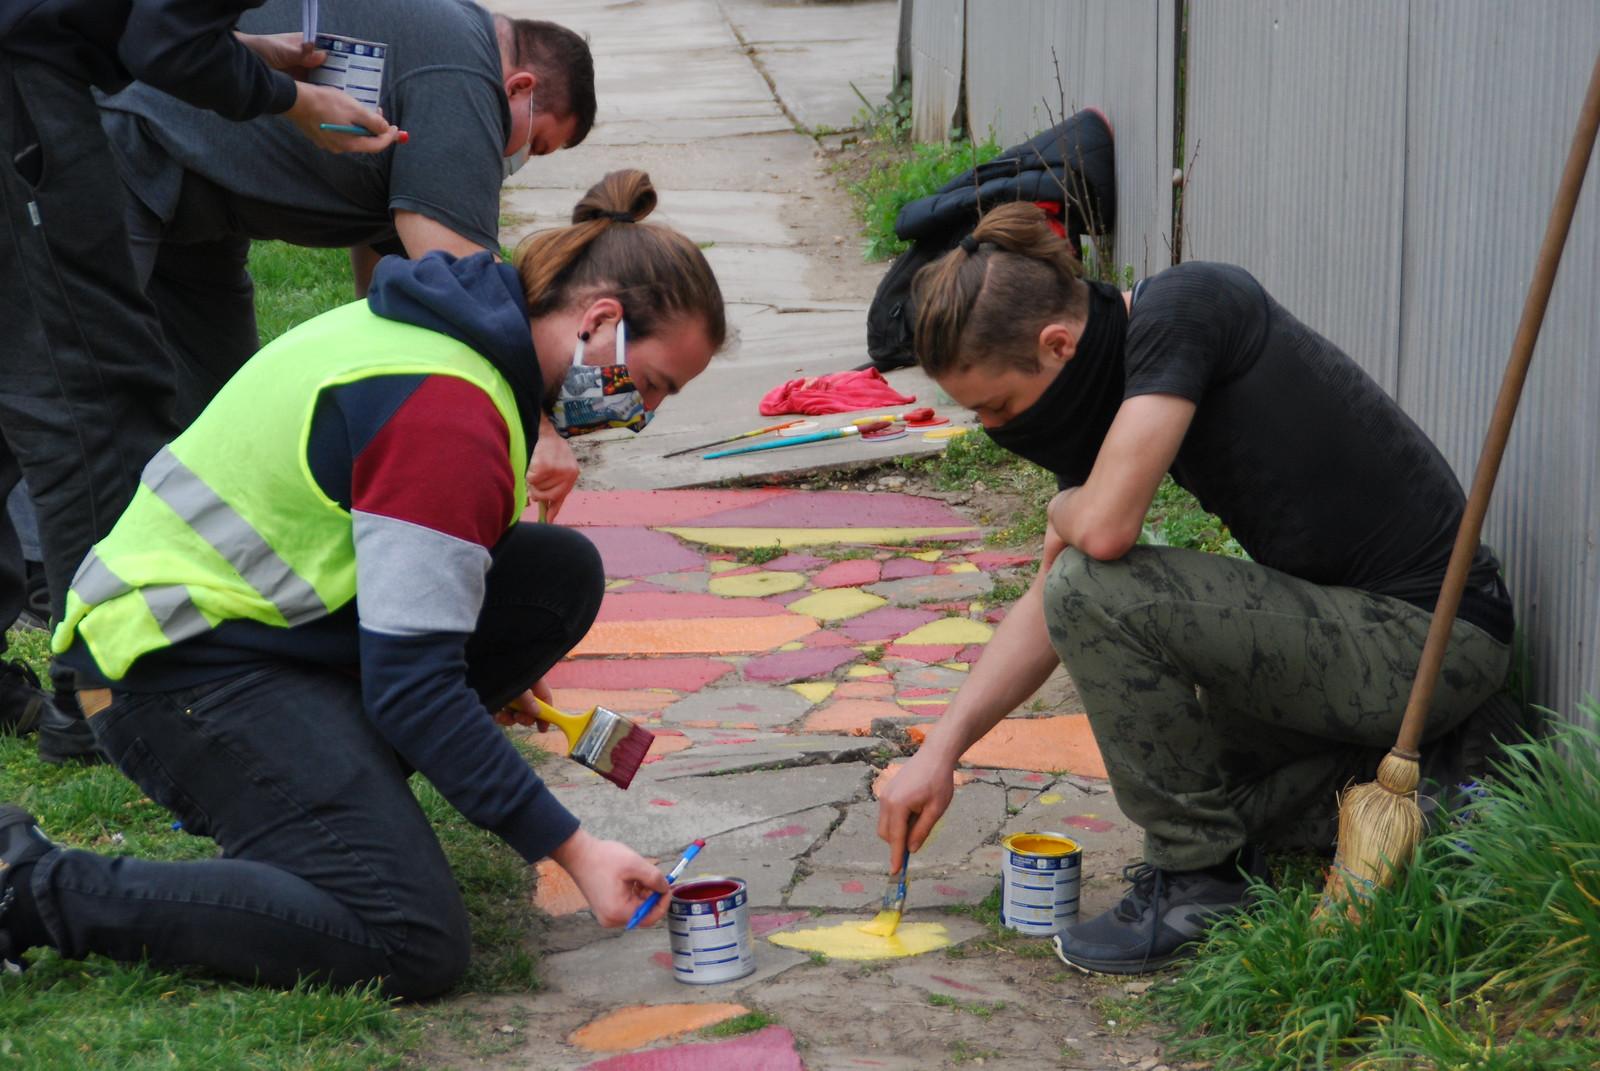 A passzivisták járdát festettek, a polgármester feljelentett, a rendőrök pedig bevitték őket